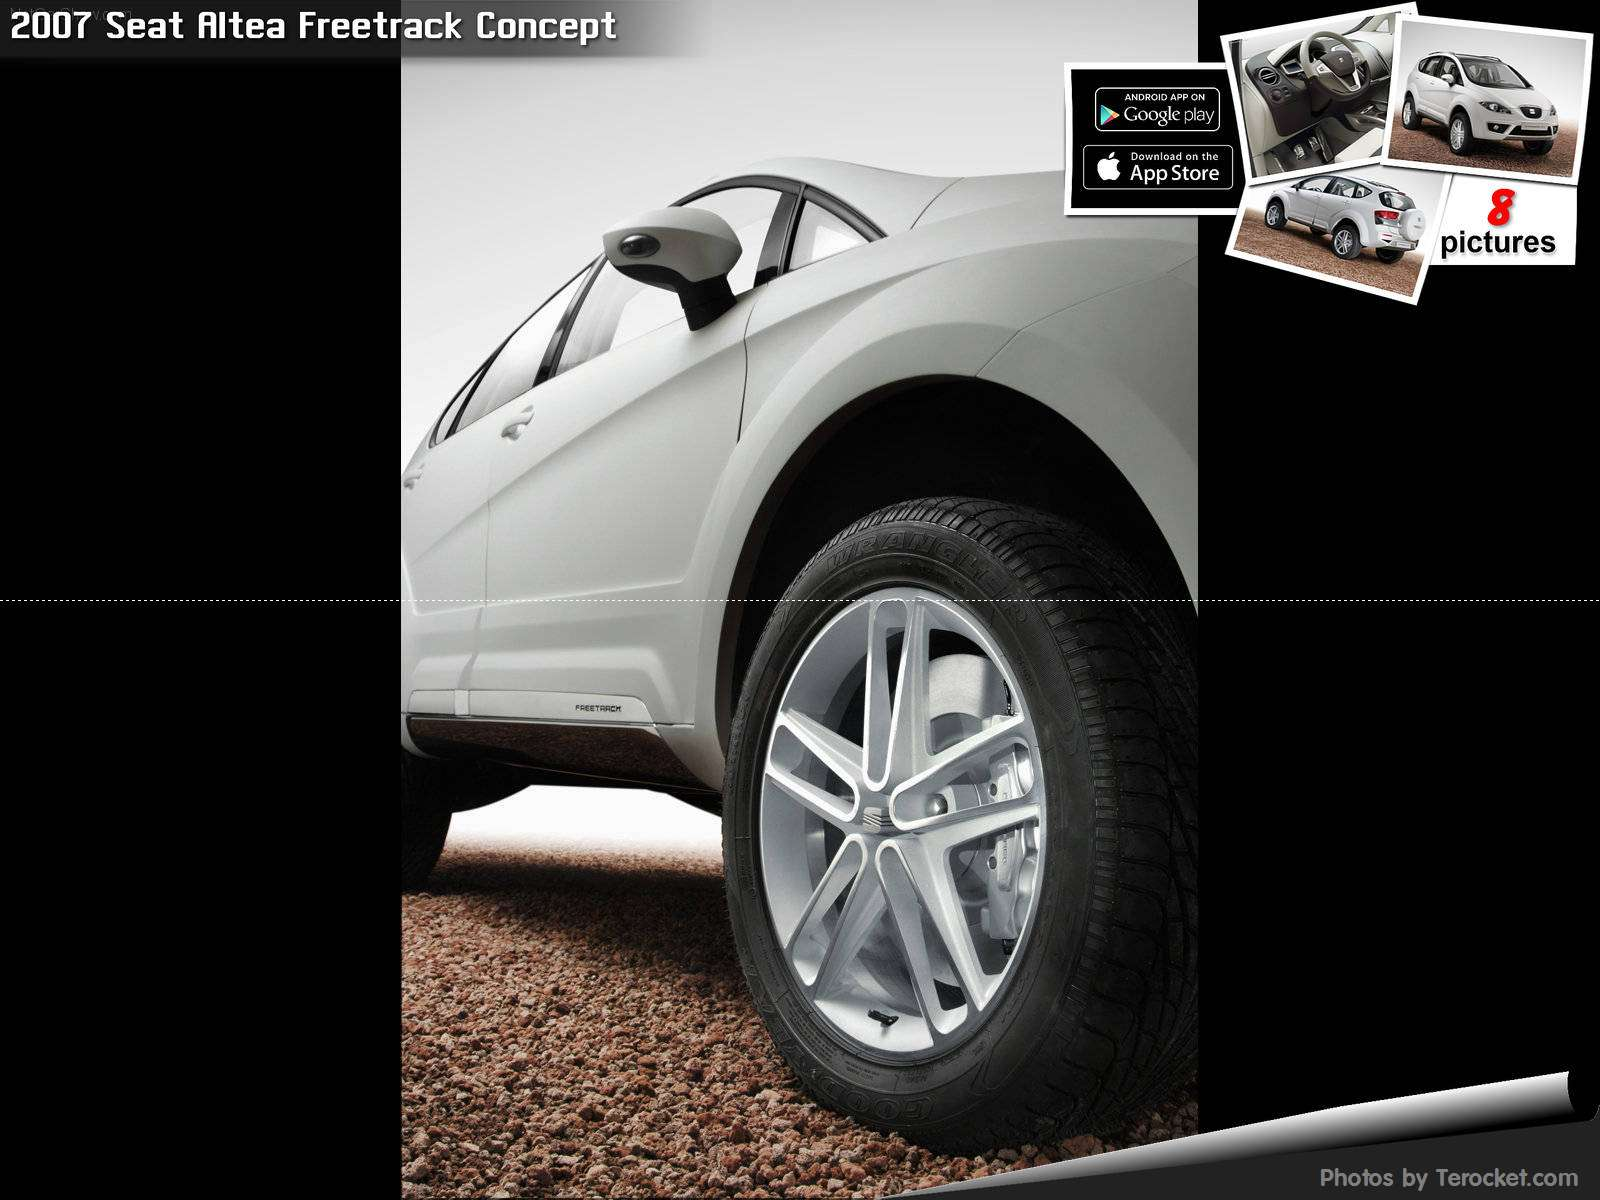 Hình ảnh xe ô tô Seat Altea Freetrack Concept 2007 & nội ngoại thất